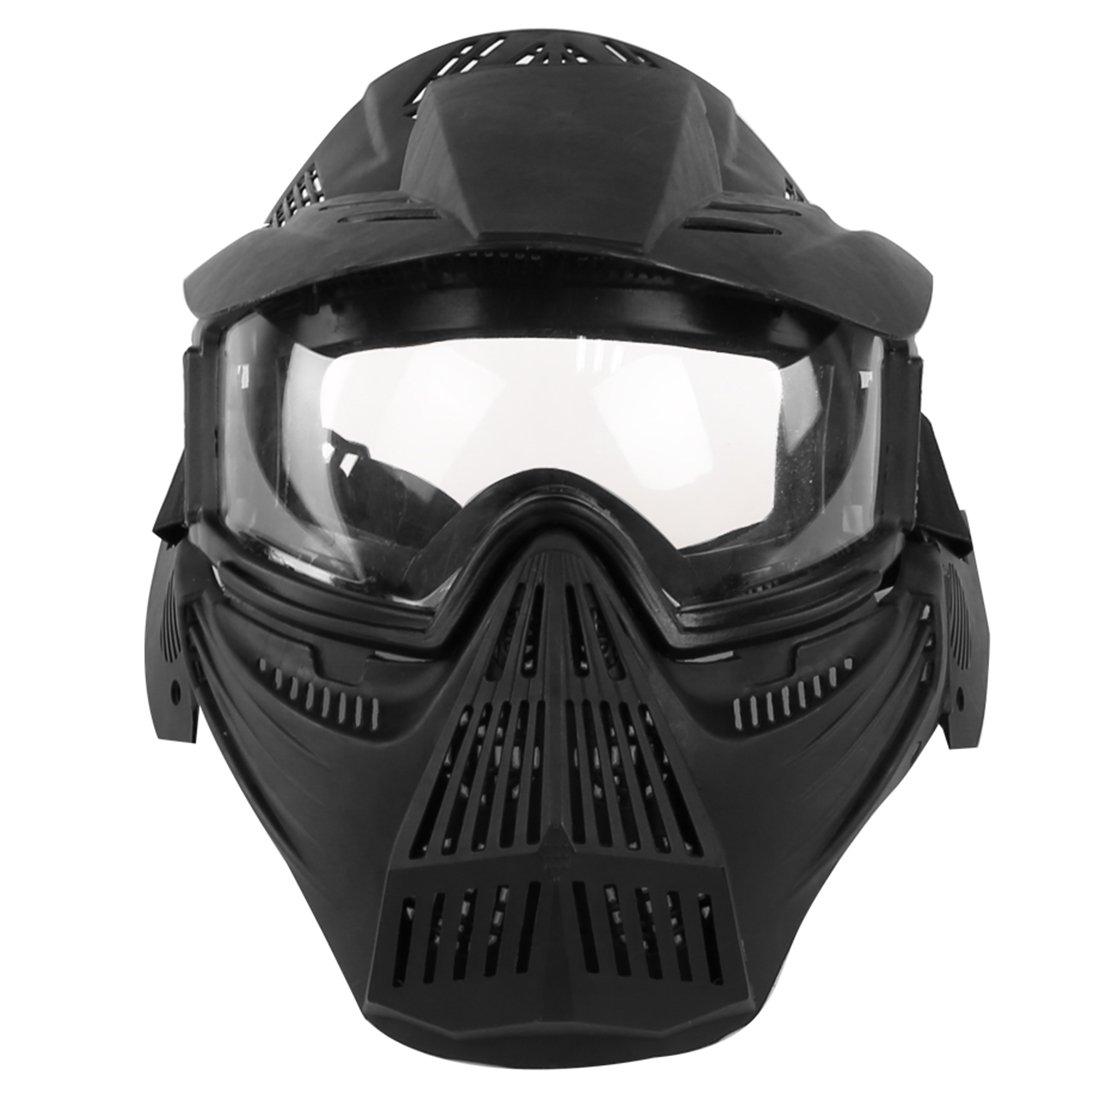 YVSoo Máscara Táctica Airsoft, Máscara Facial Táctica Protectora Máscara Casco para Nerf CS Juego,Paintball,Airsoft,Cosplay (Negro)